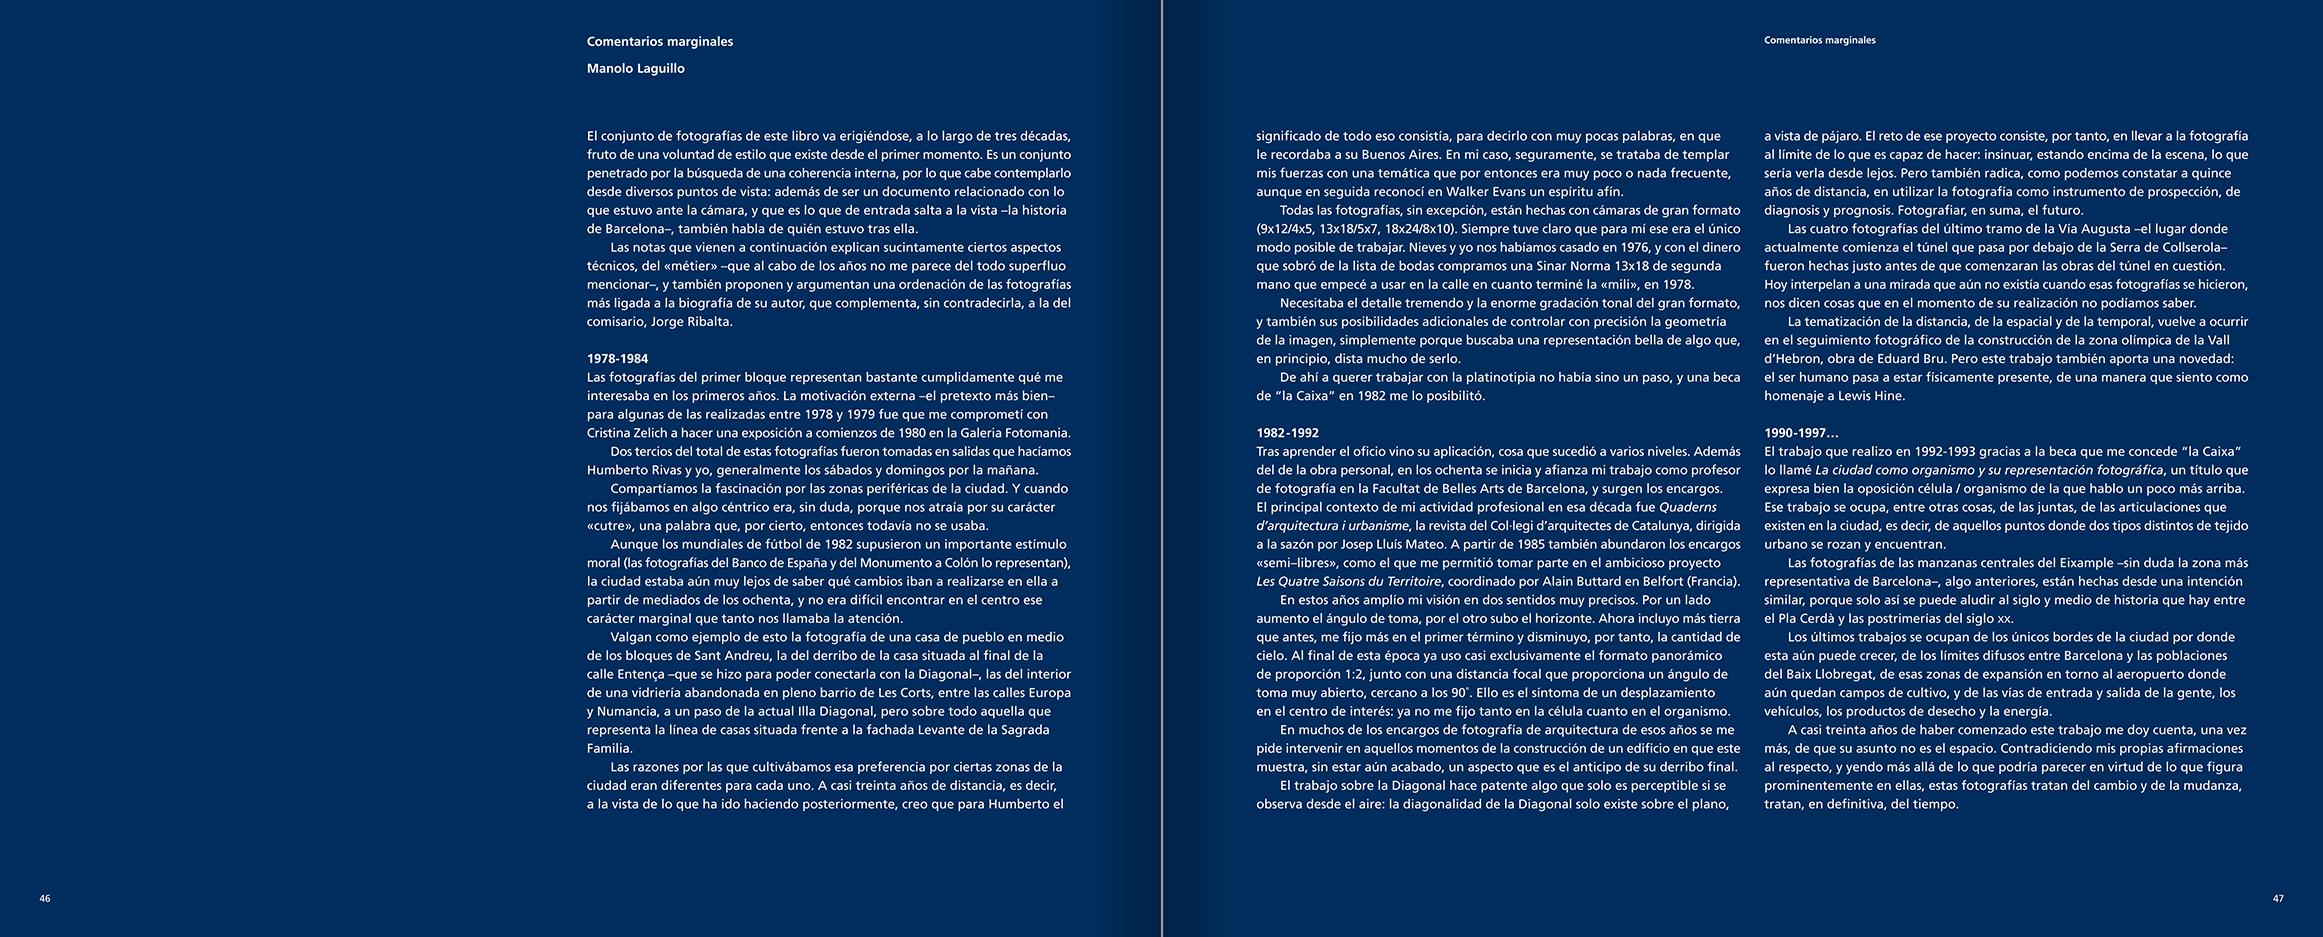 """Selecció del catàleg """"Barcelona 1978-1997. Manolo Laguillo"""" pàgines 46 i 47"""